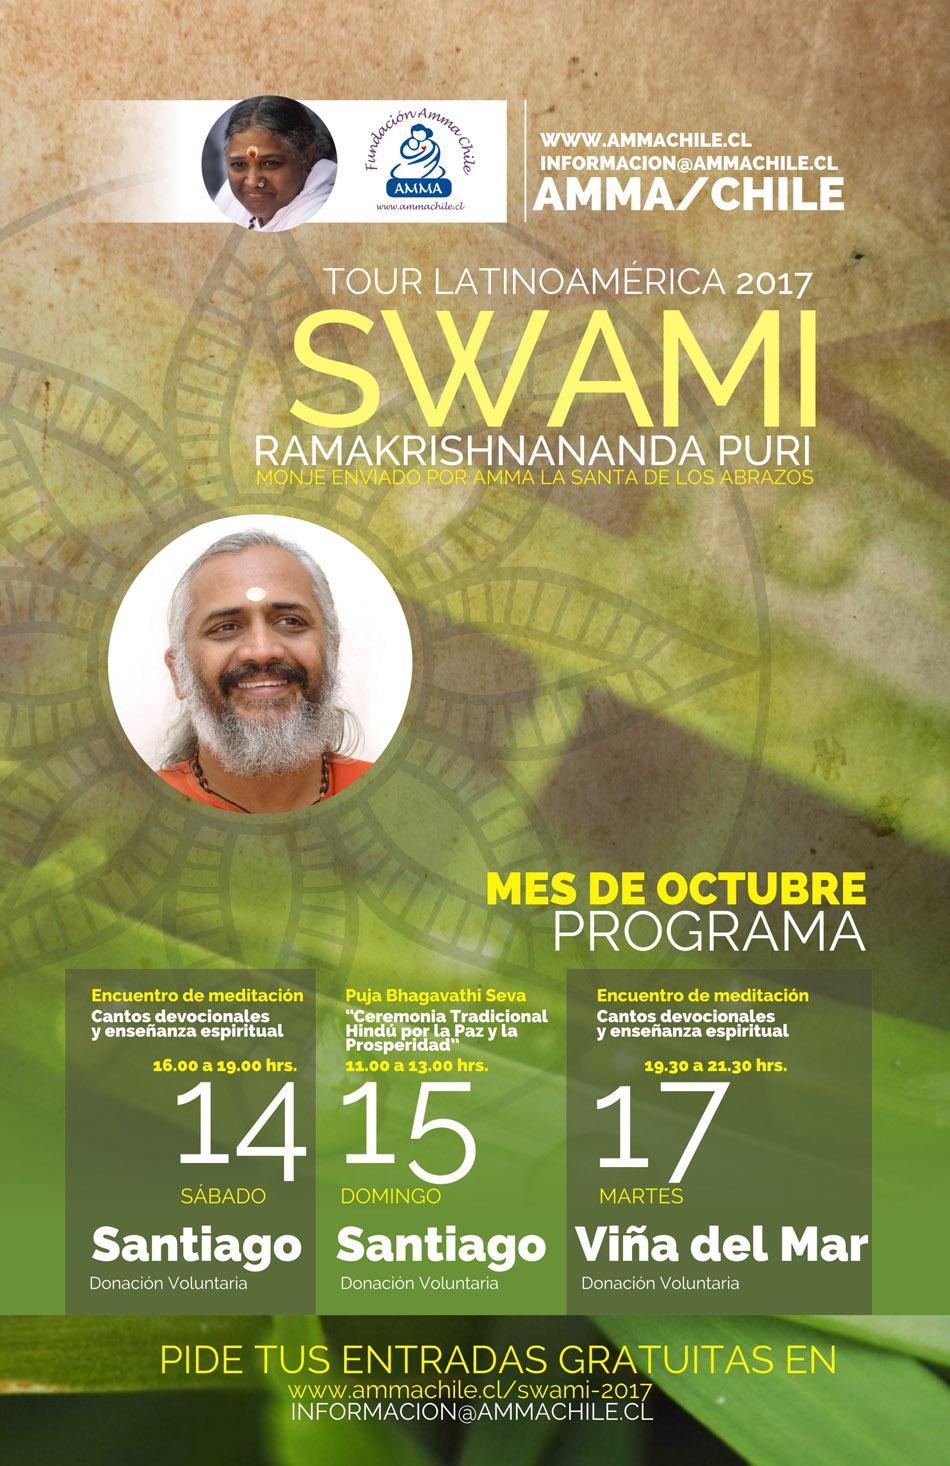 Encuentro Gratuito de Meditación y Espiritualidad